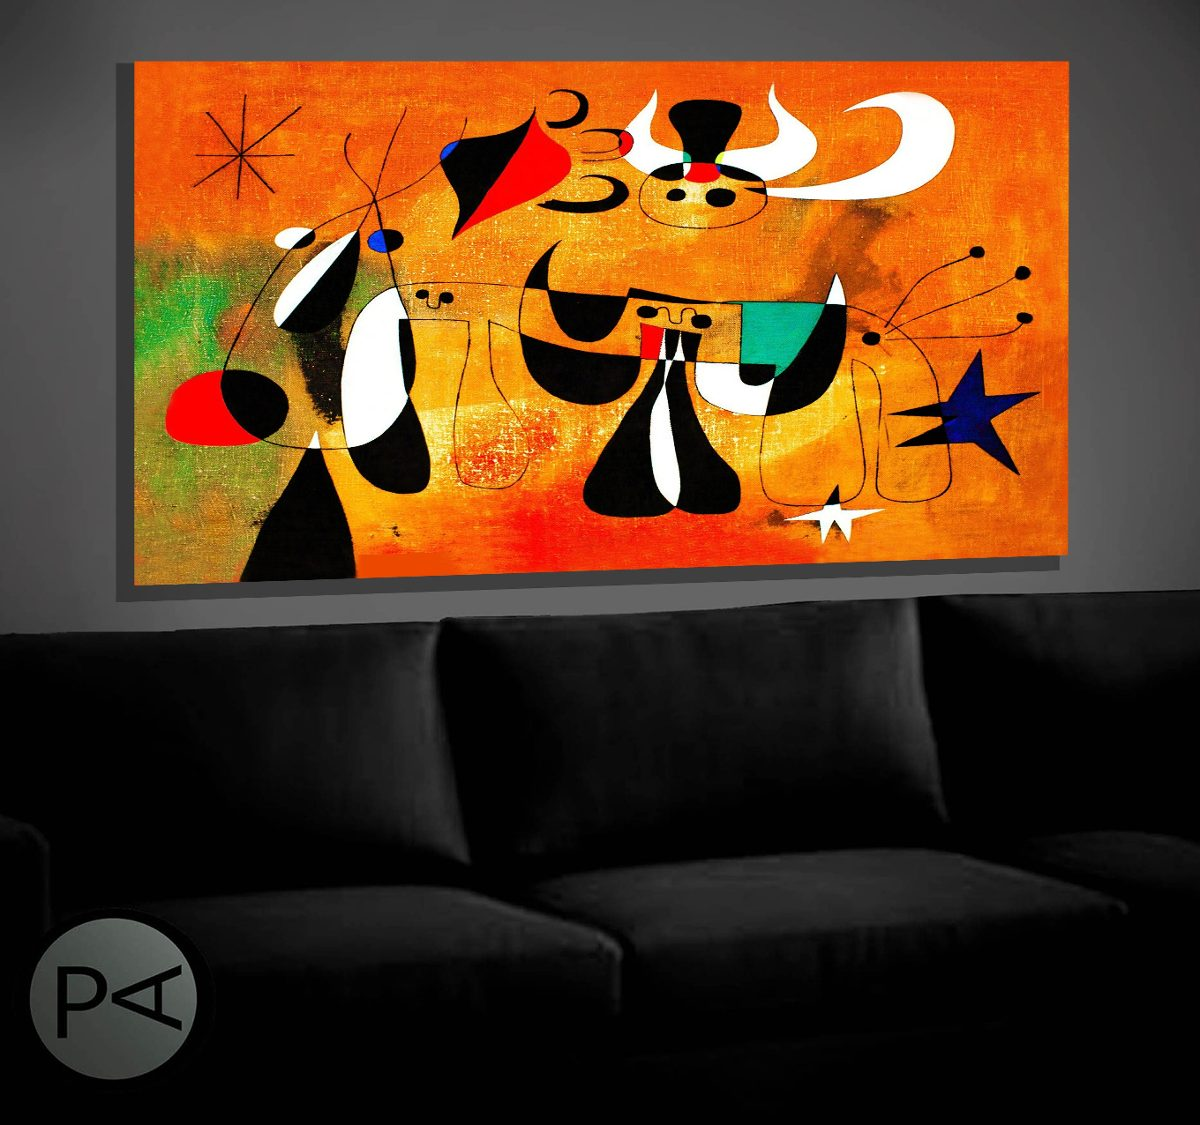 cuadros decorativos mt x cm pintores famosos en lienzo